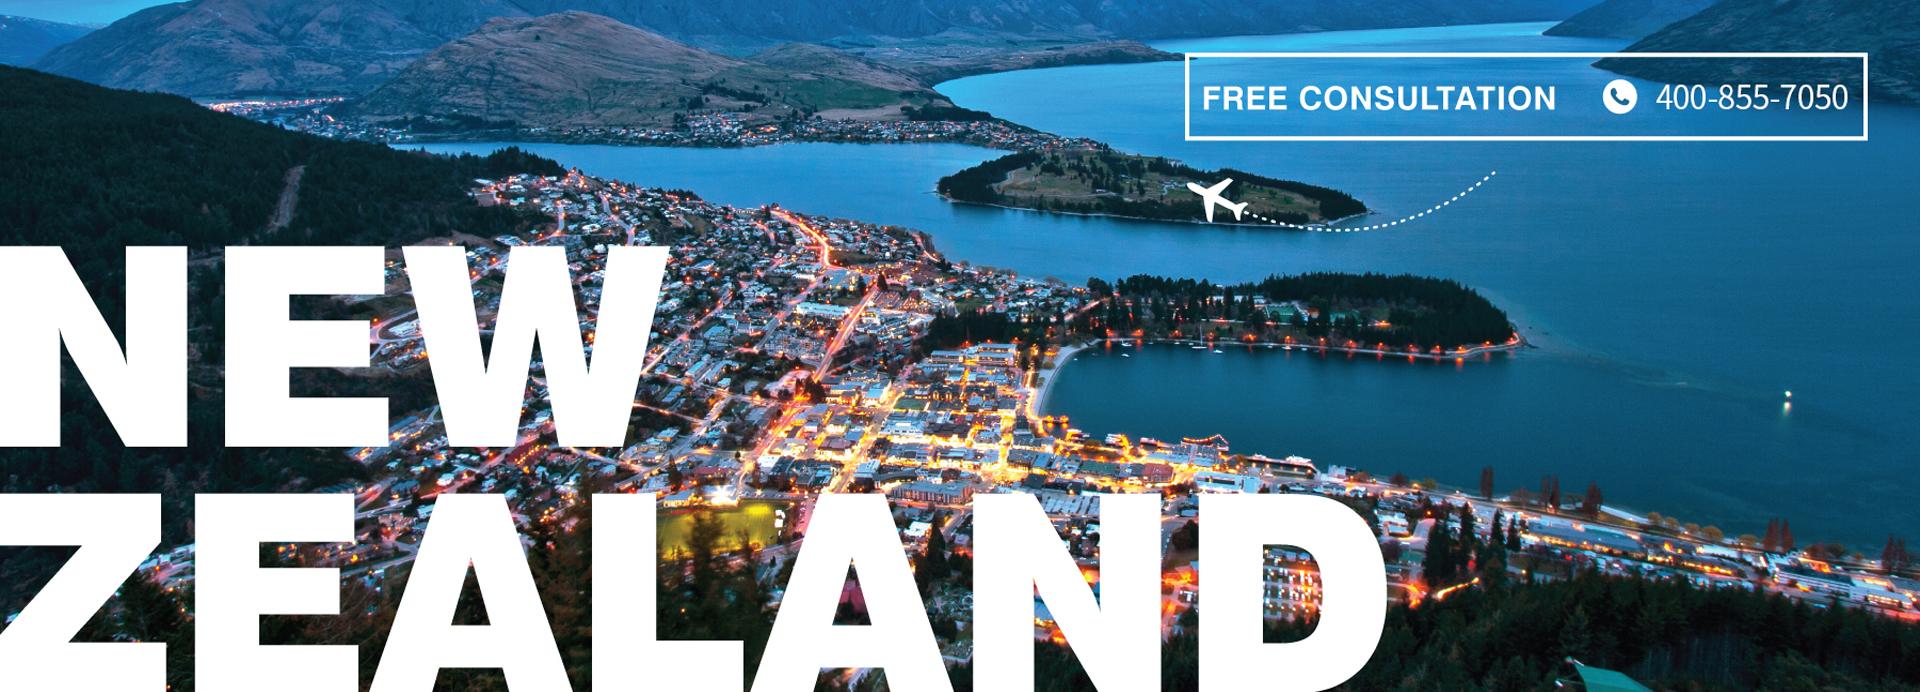 充满人情味儿的新西兰留学圈